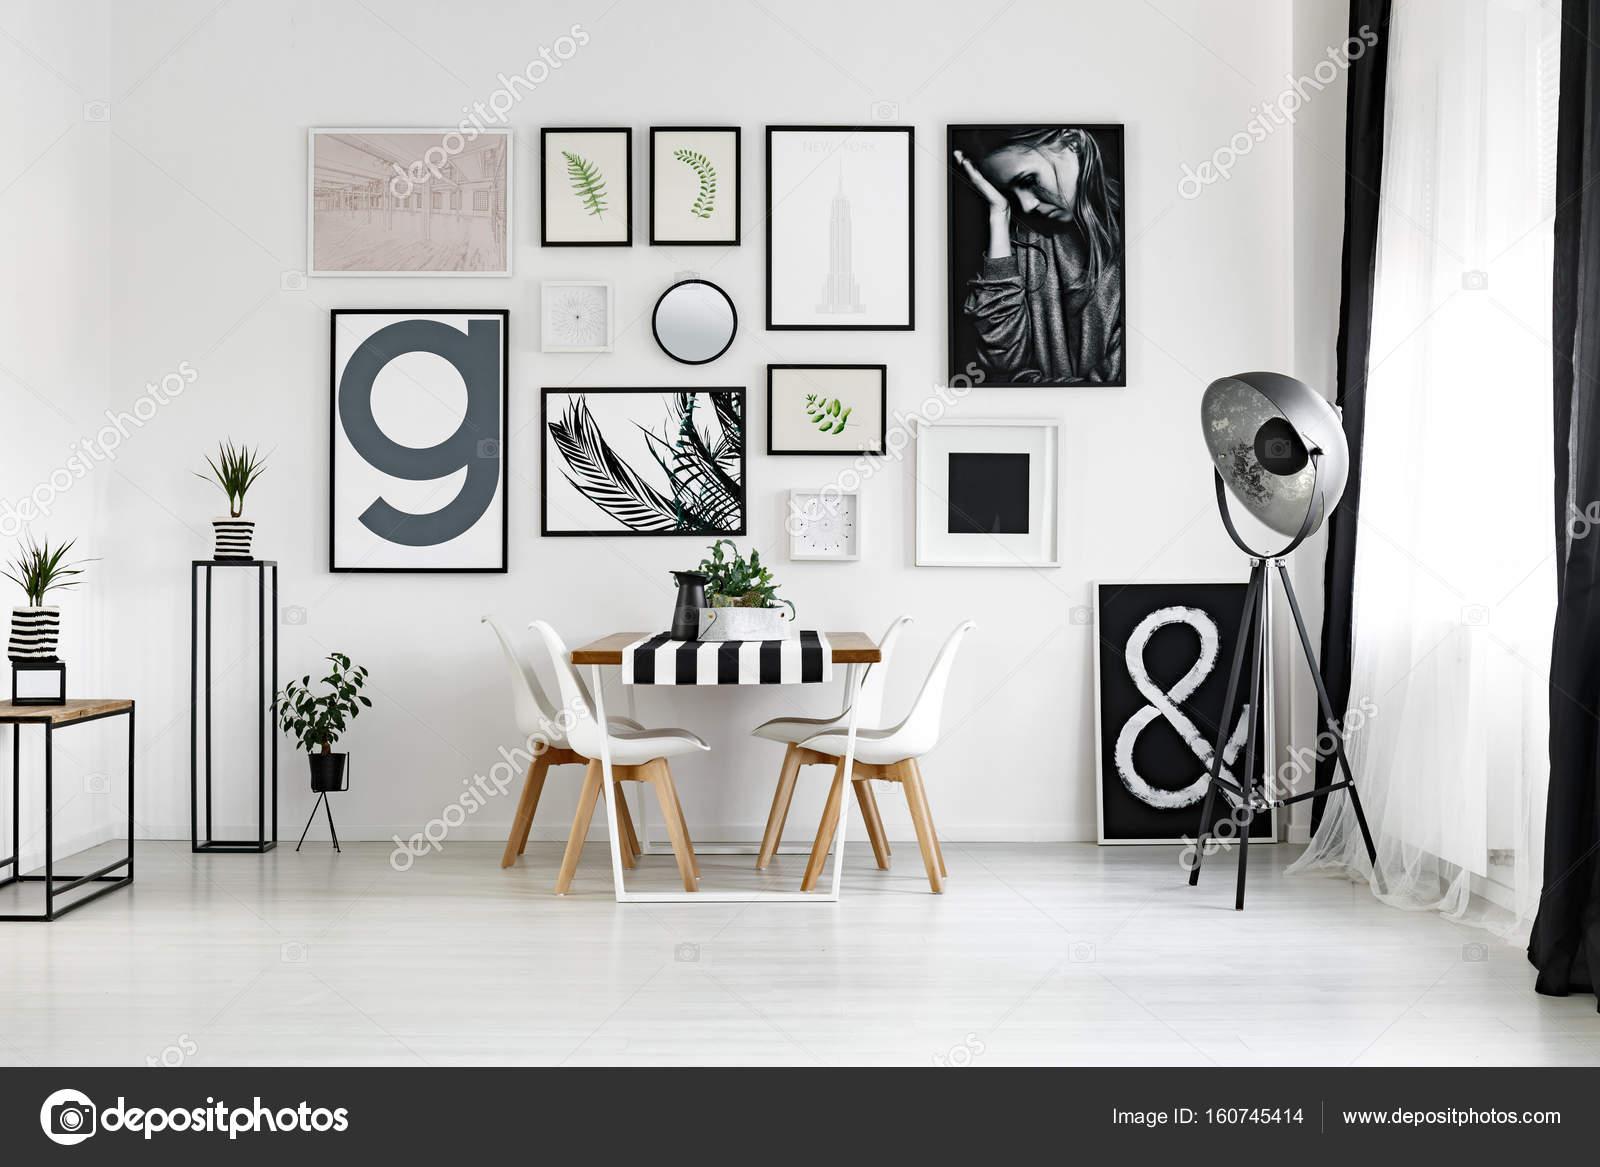 Hervorragend Tisch an der Wand — Stockfoto © photographee.eu #160745414 WQ49